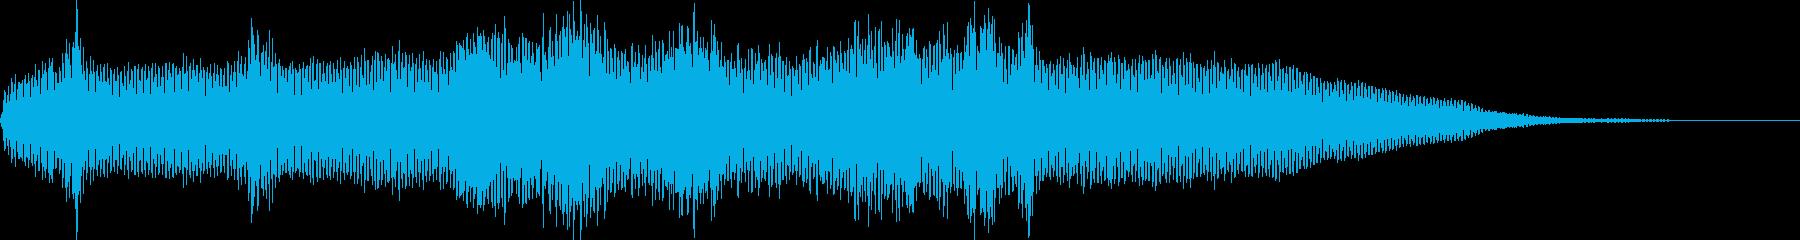 【ホラーゲーム】 シーン 気味が悪い場所の再生済みの波形